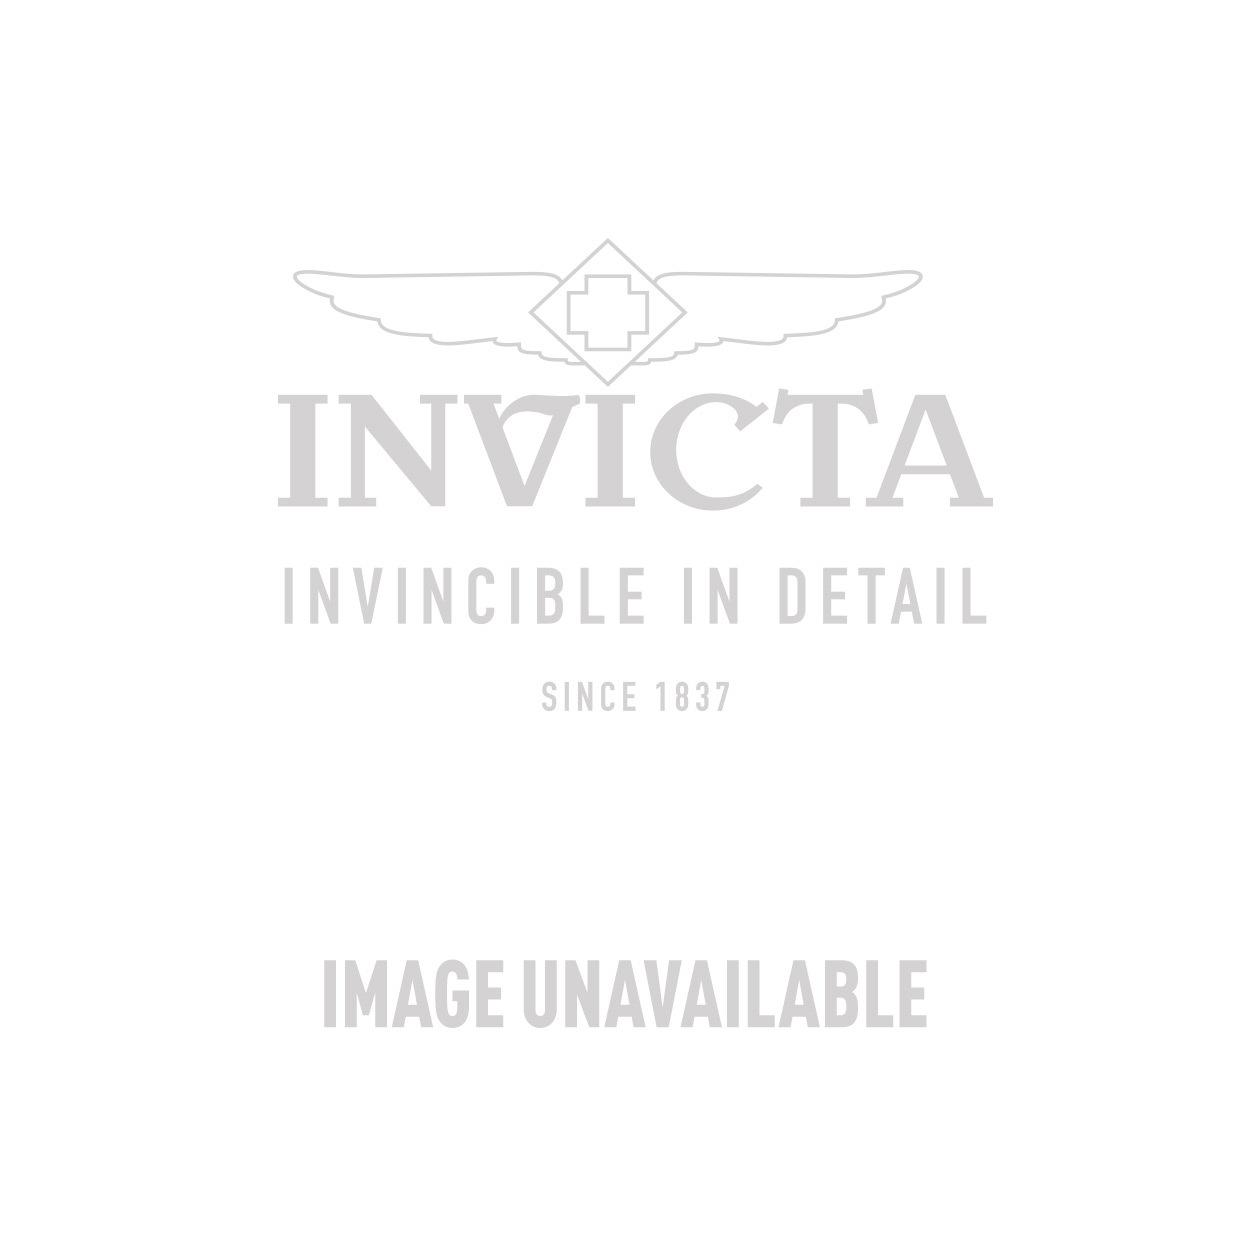 Invicta Model 25180